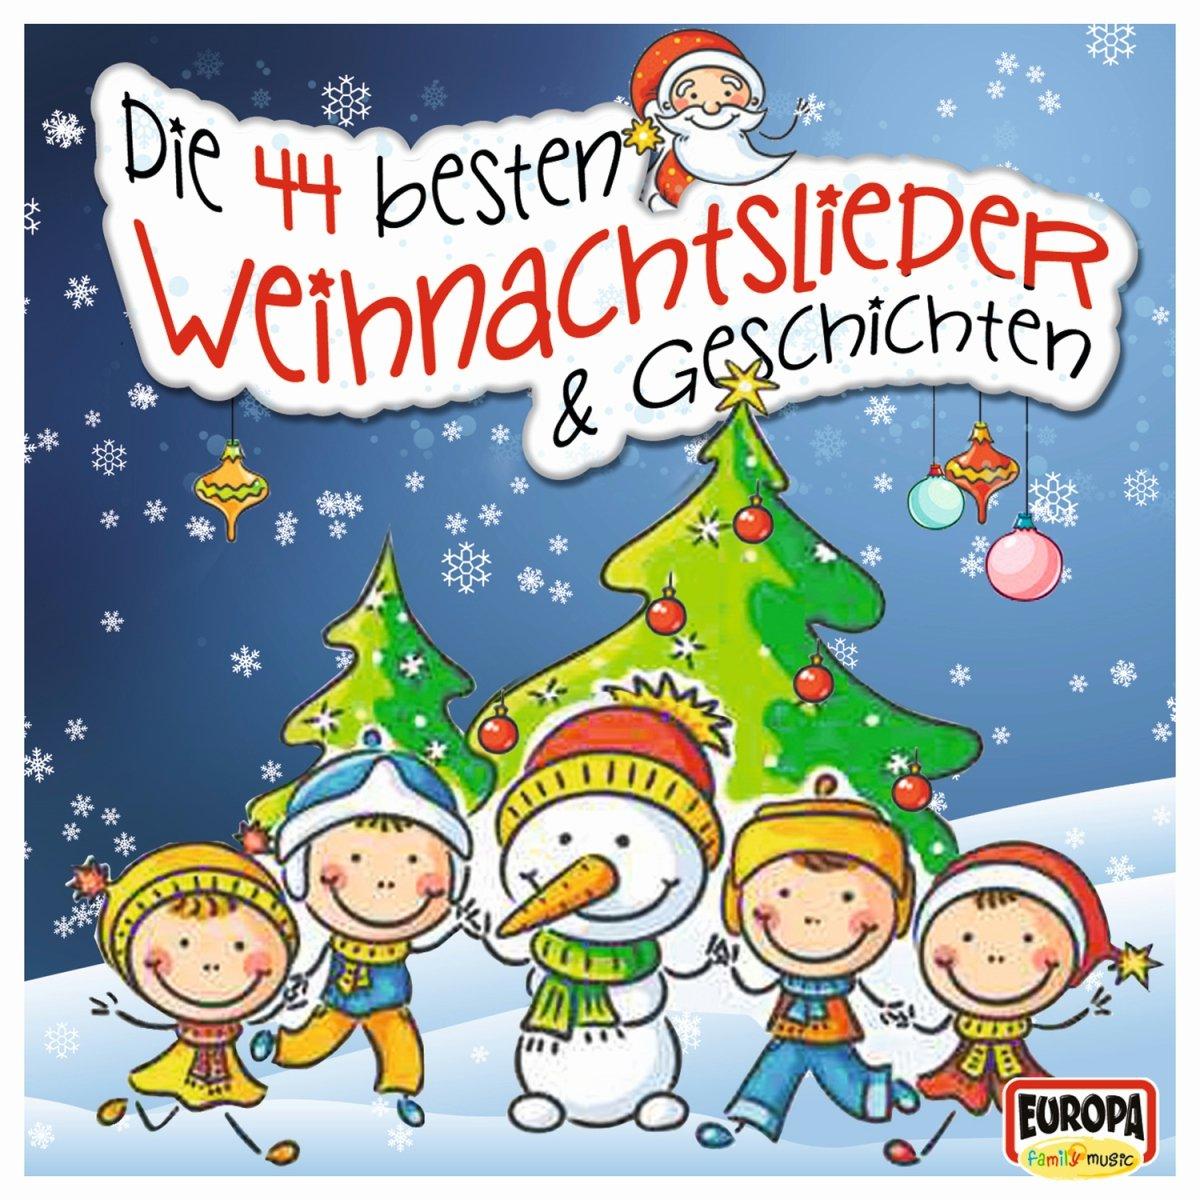 Die 44 besten Weihnachtslieder & Geschichten - Various: Amazon.de: Musik